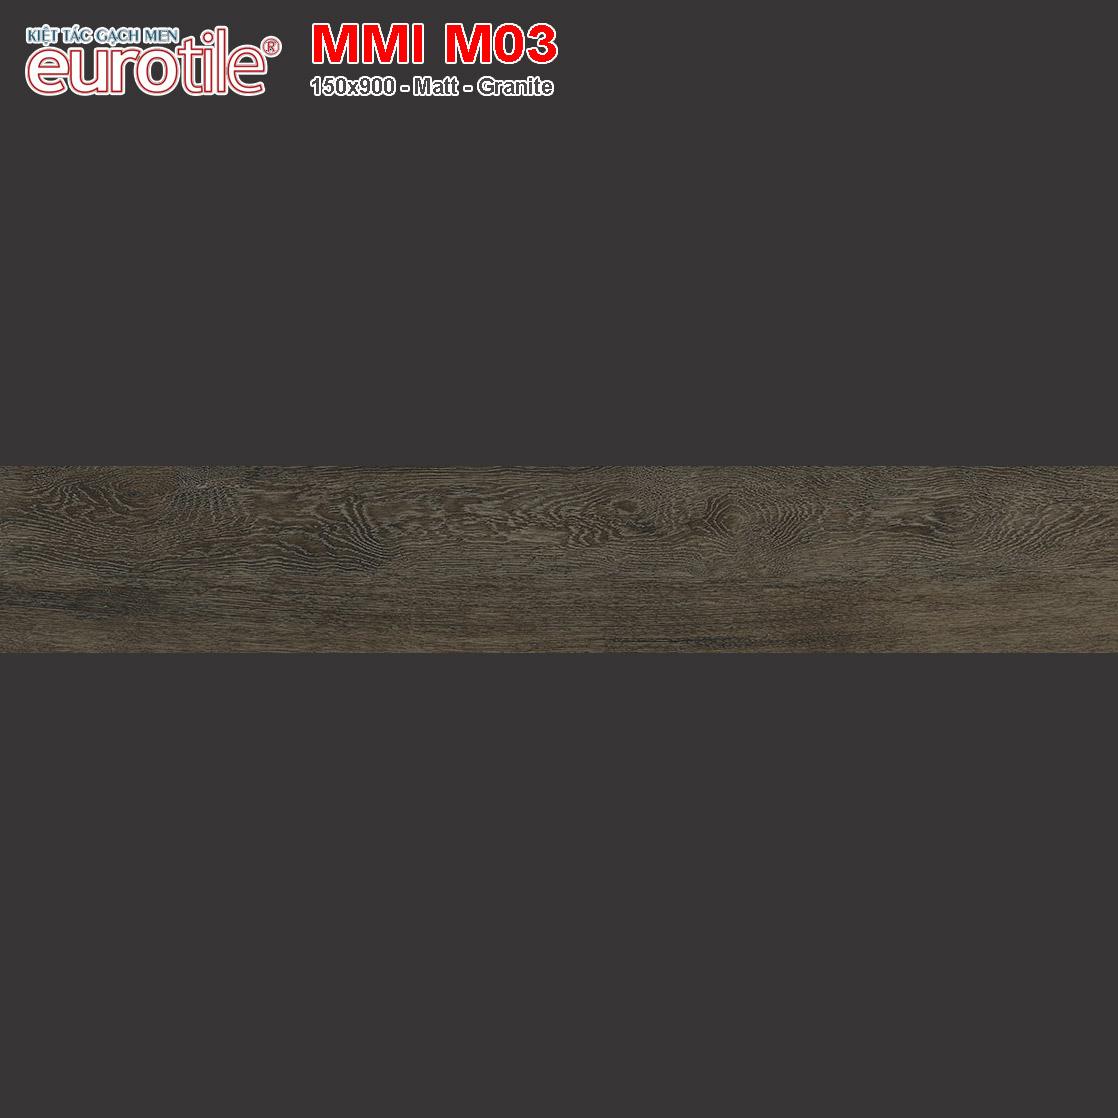 Gạch lát nền vân gỗ 150x900 Eurotile MMI M03 giá rẻ